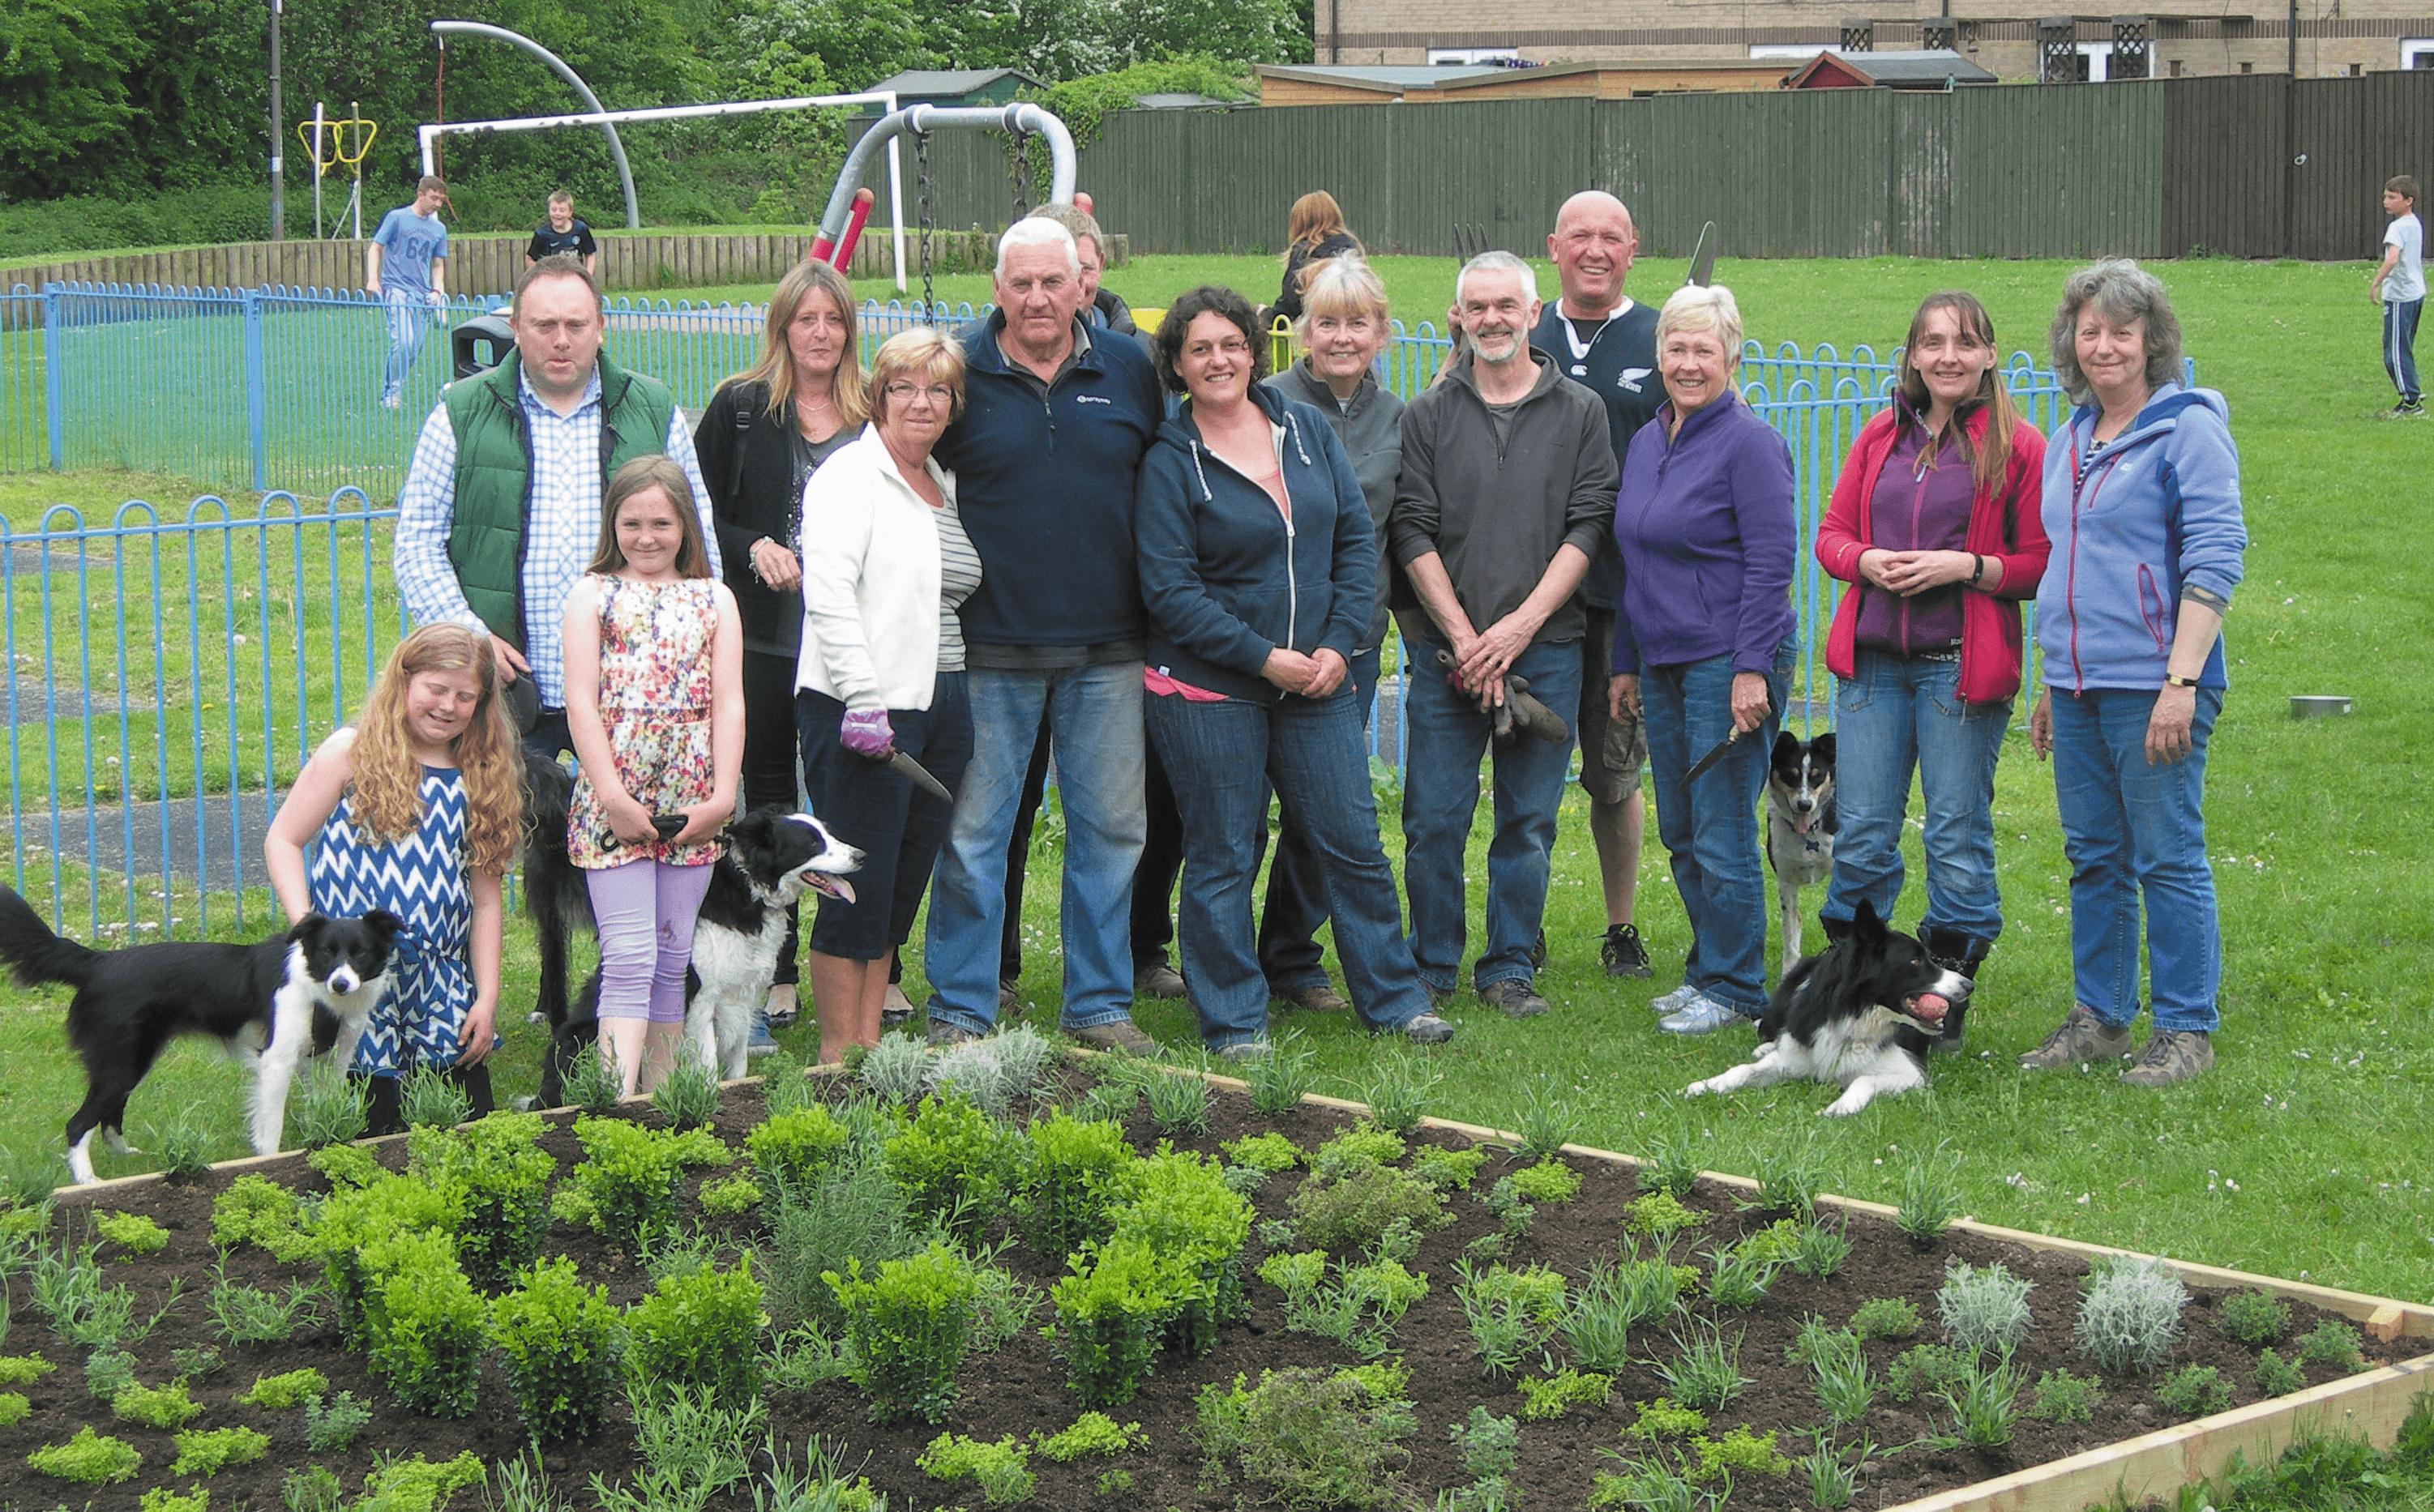 derbyshire gardening, derbyshire gardens, magazines derbyshire,